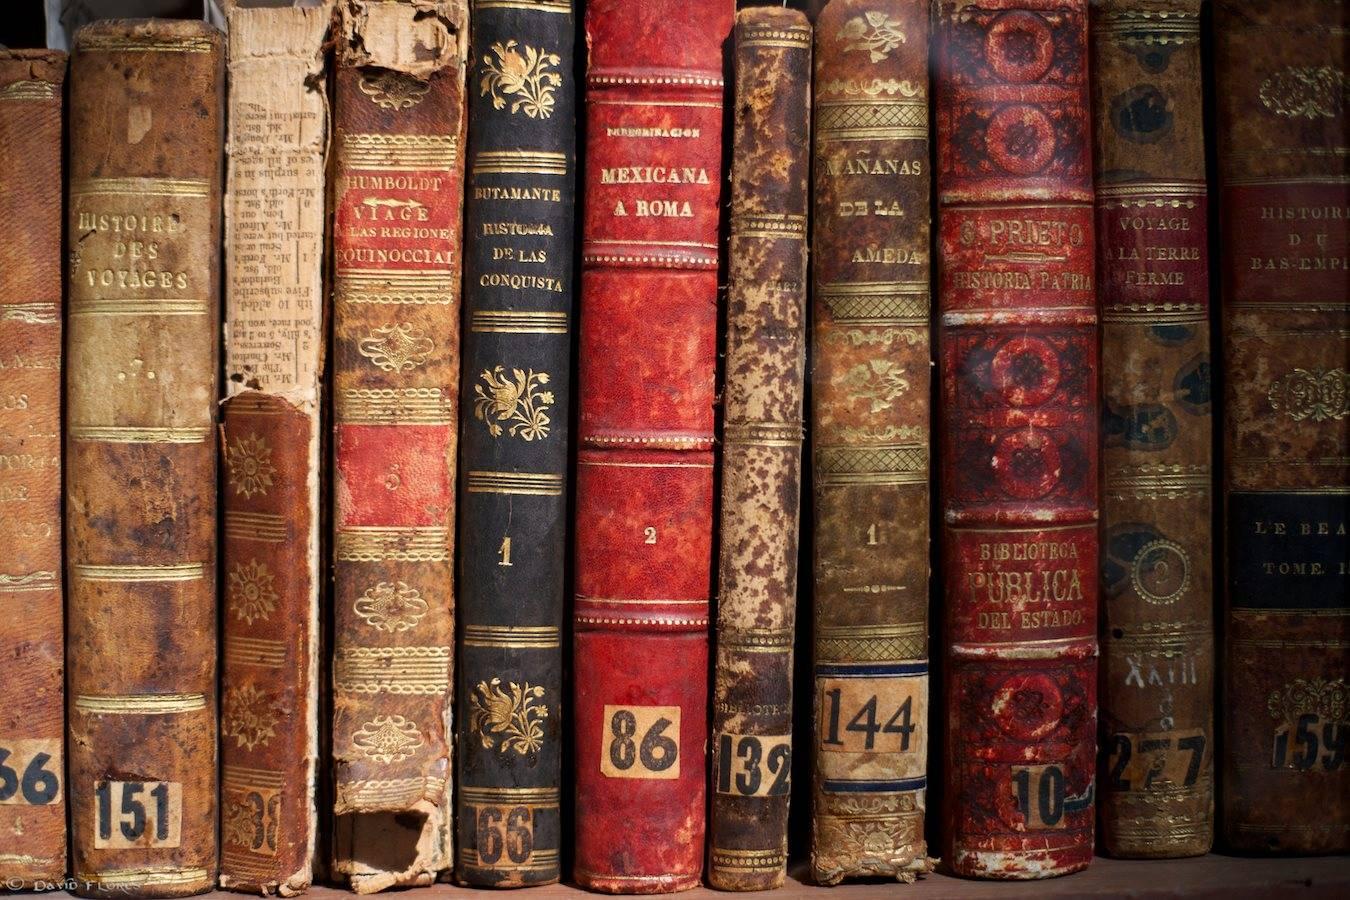 Por qué huelen bien los libros viejos? - Libertad Digital